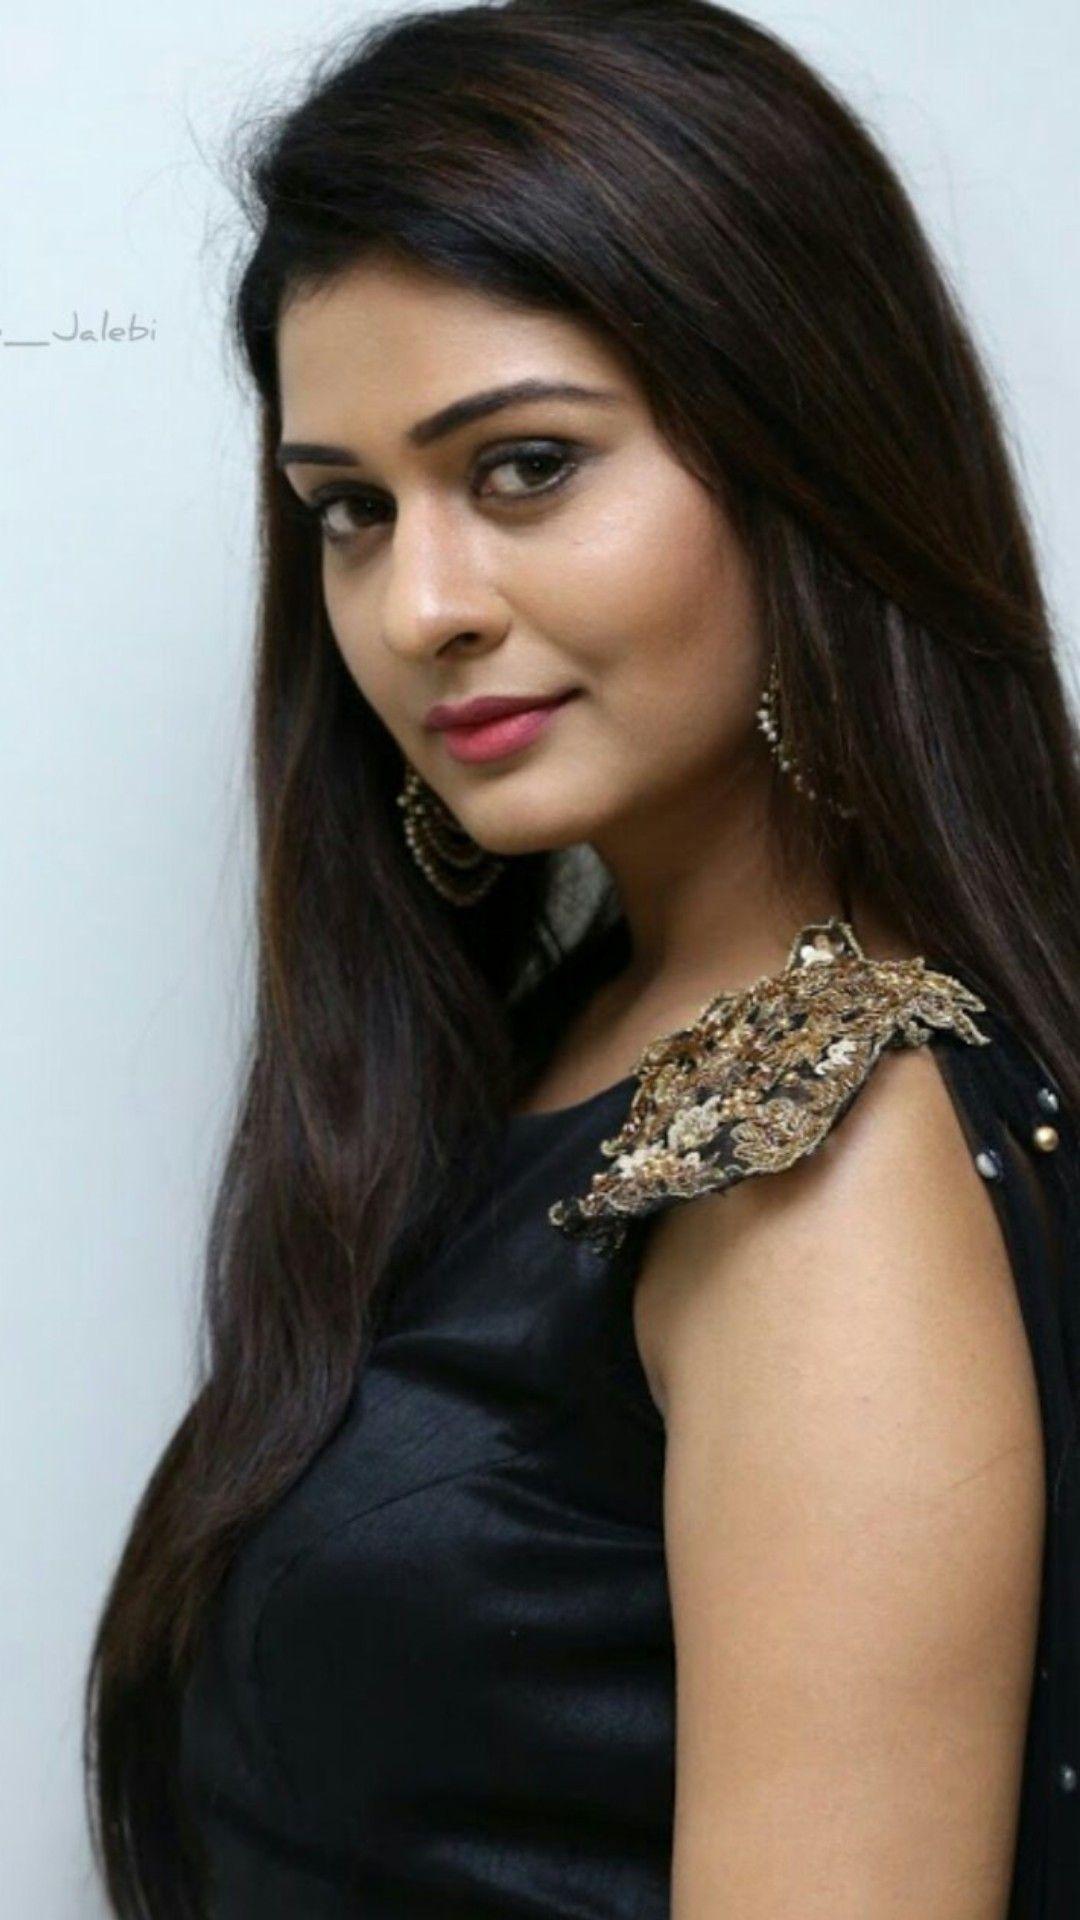 Tamannah, The Most Beautiful Indian women - Tamanna Bhatia